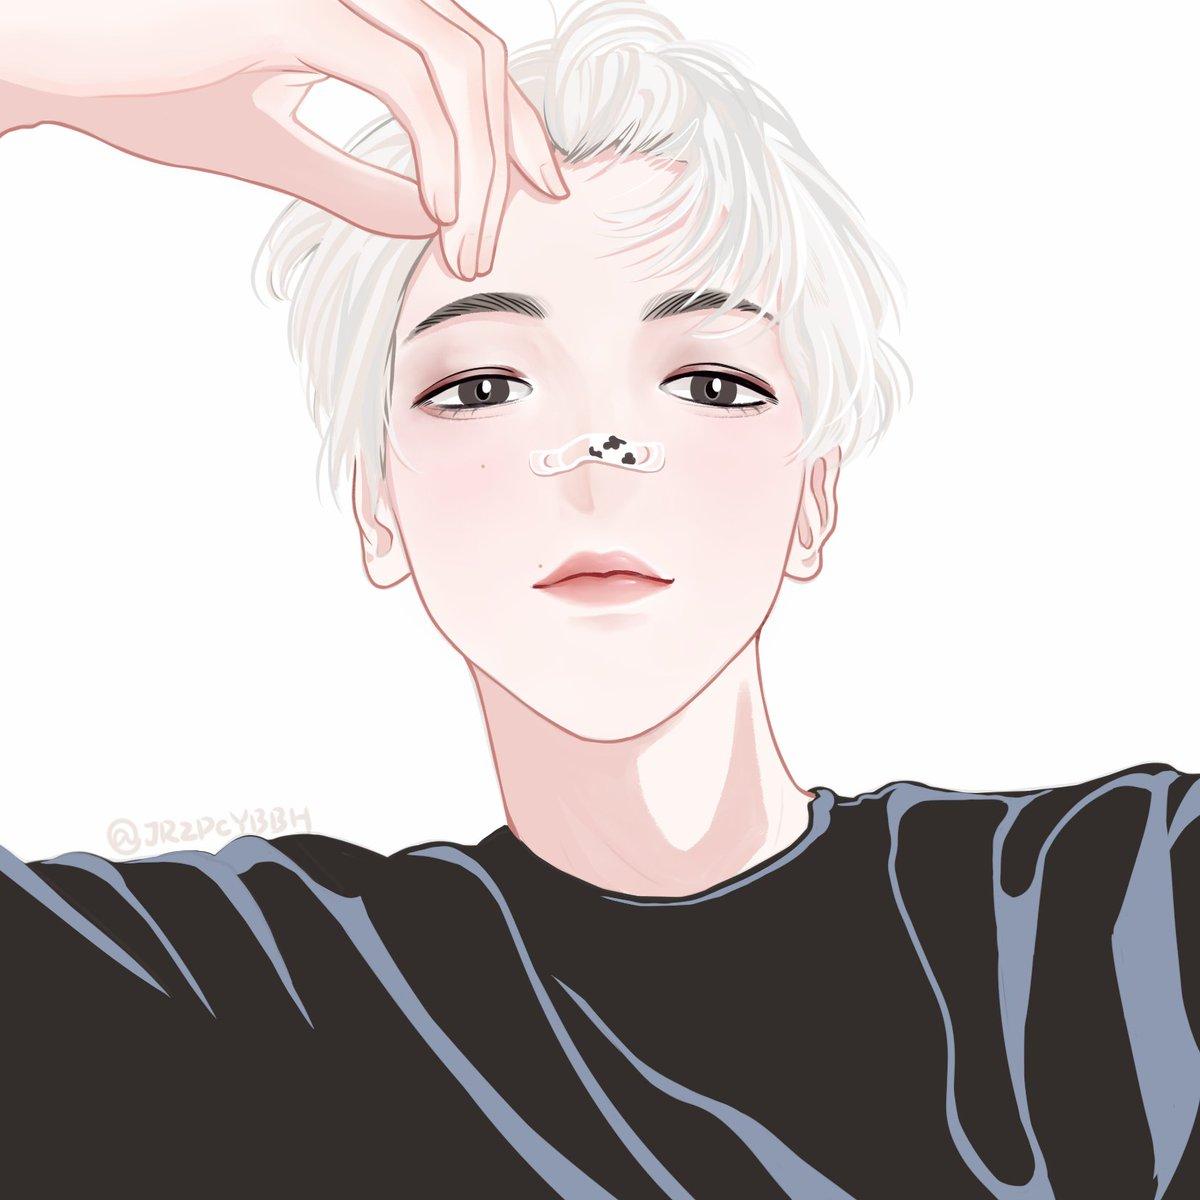 BBH🖤  这个角度鼻子好难画😭 @B_hundred_Hyun  #EXO #exofanart #FANART #baekhyun #변백현 #边伯贤 #illustration #drawing